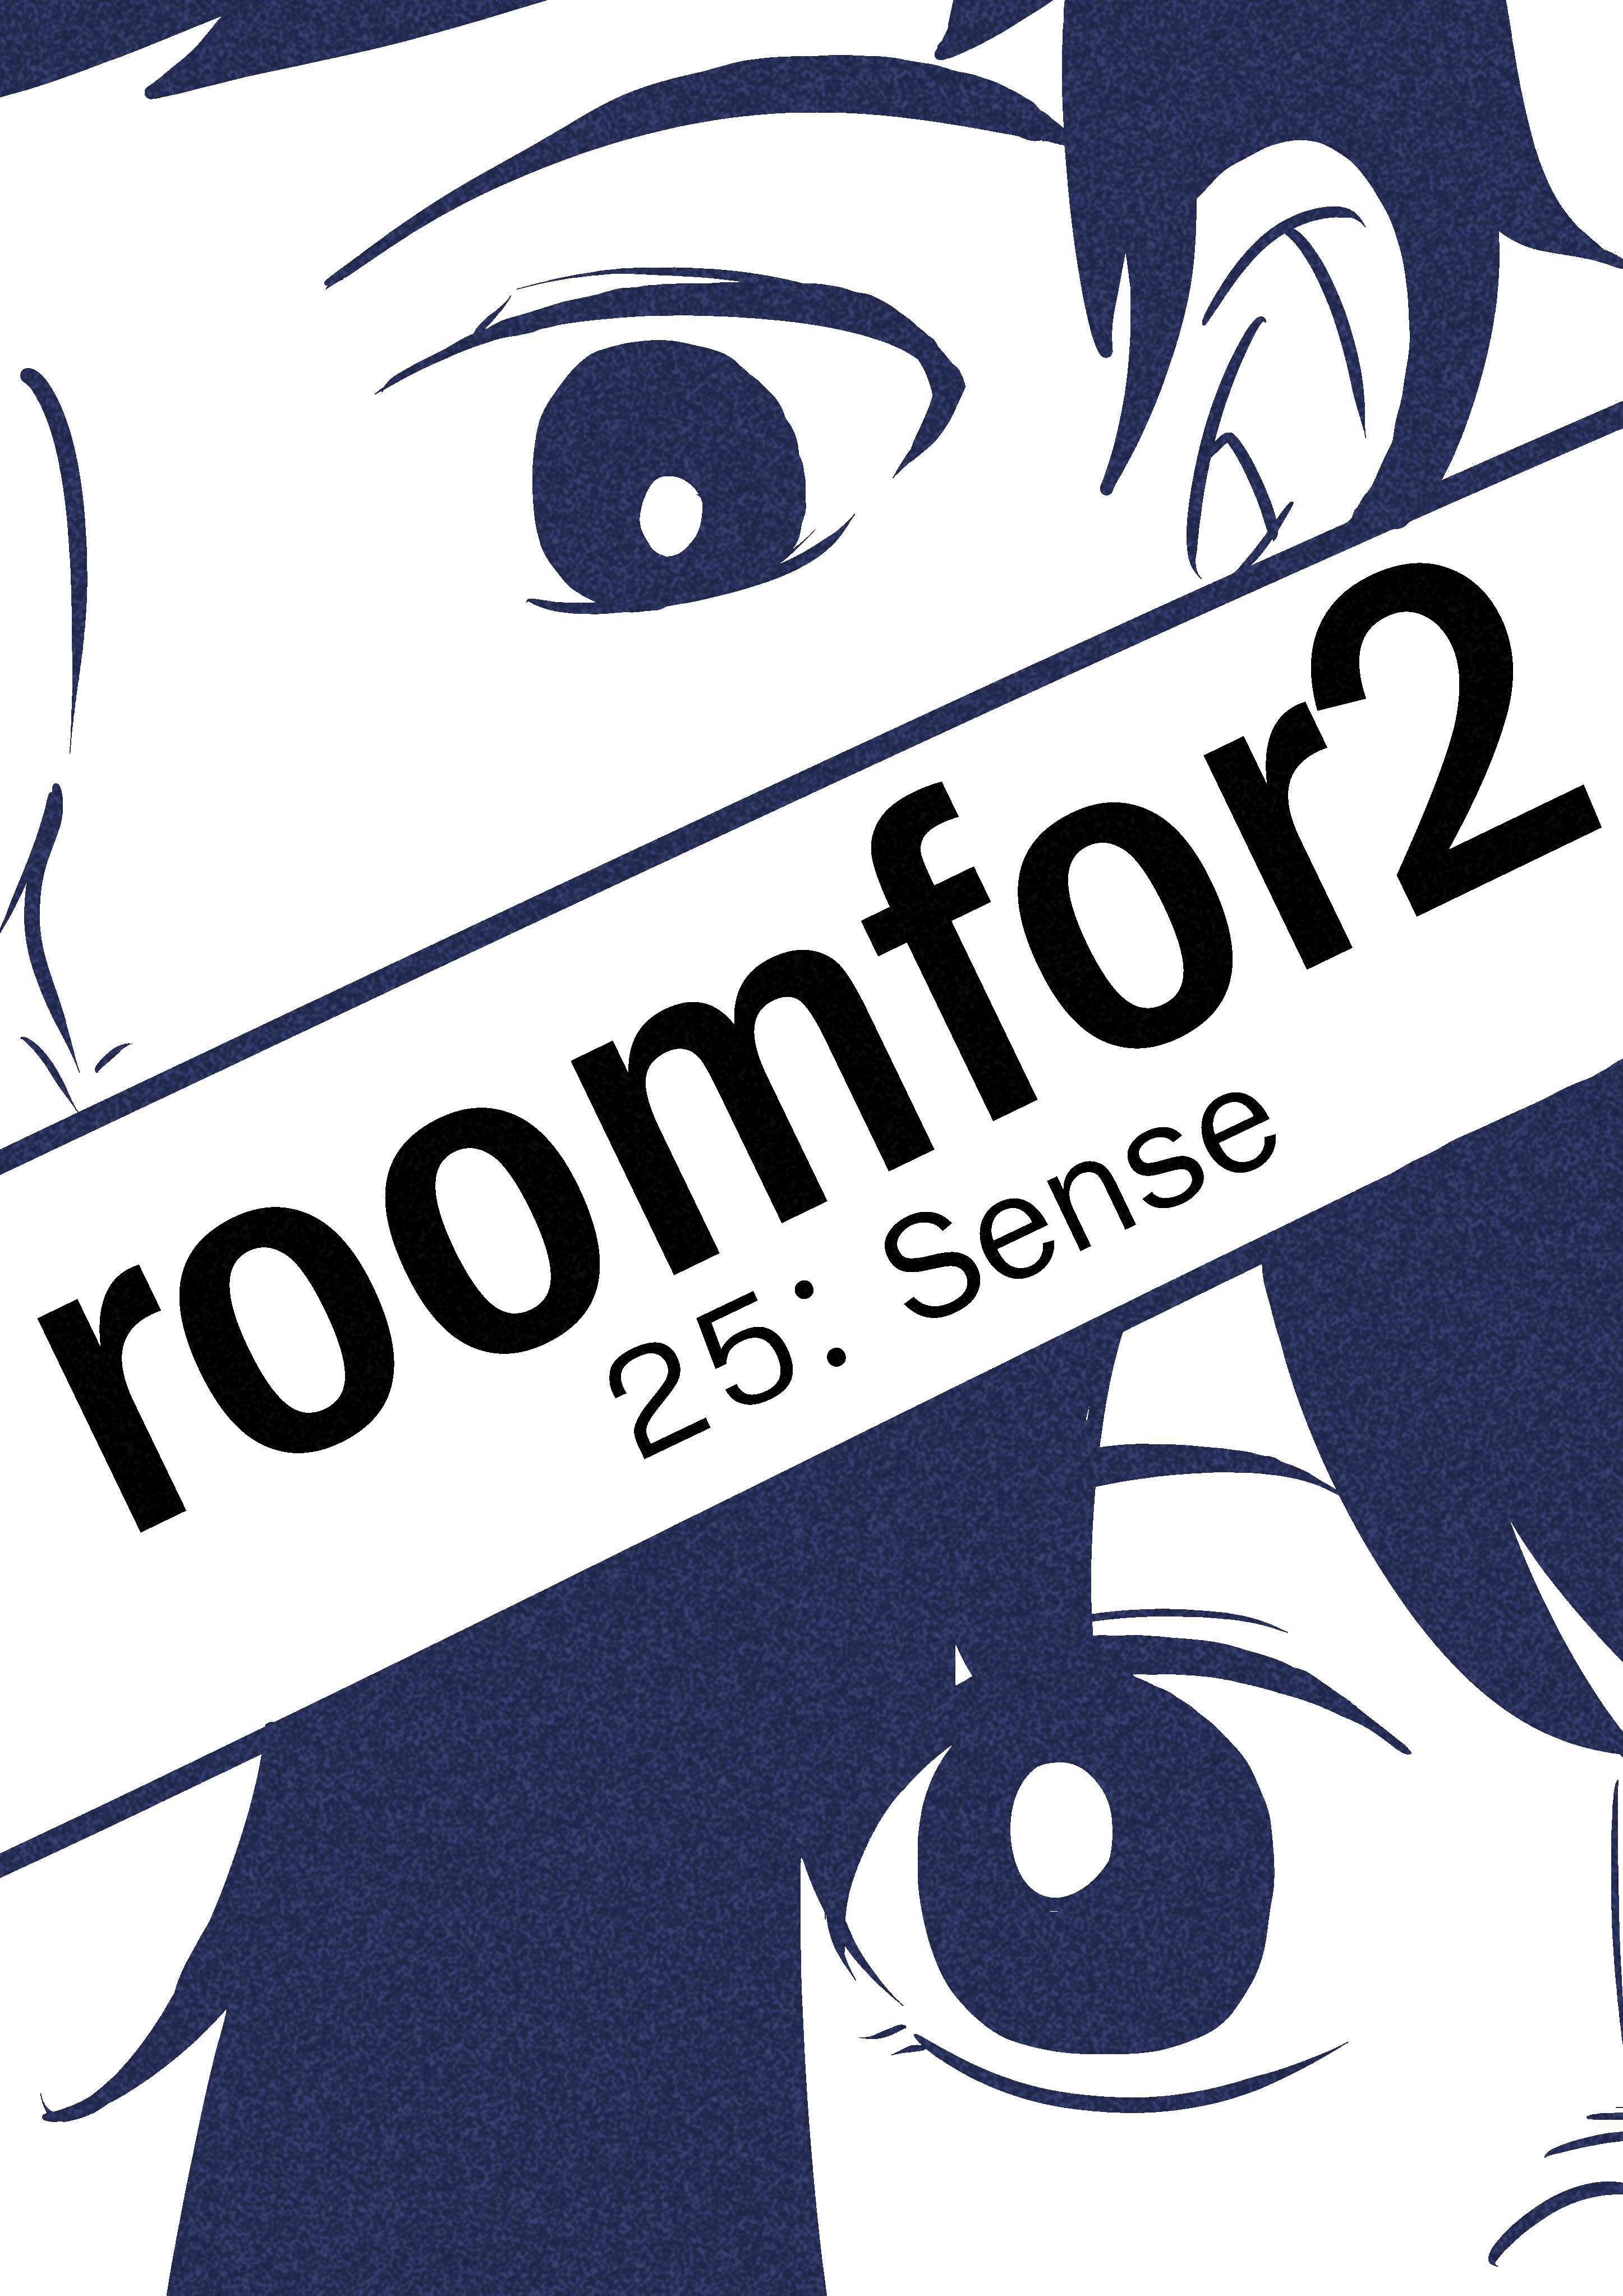 25: Sense